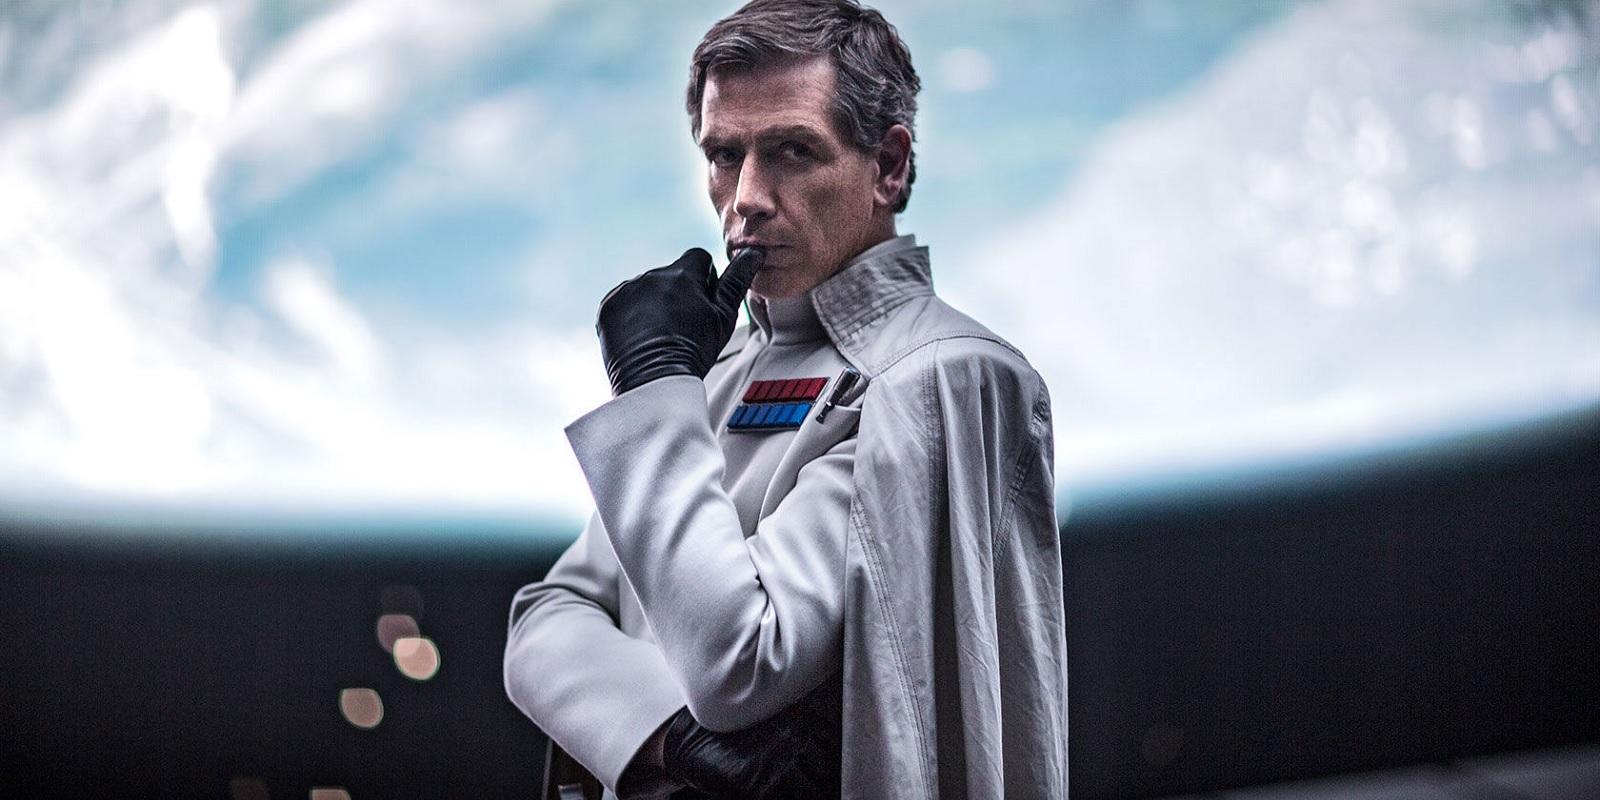 """Muzyka ze """"Star Wars: Rogue One"""" już w sieci. Pytanie, czy warto jej słuchać"""